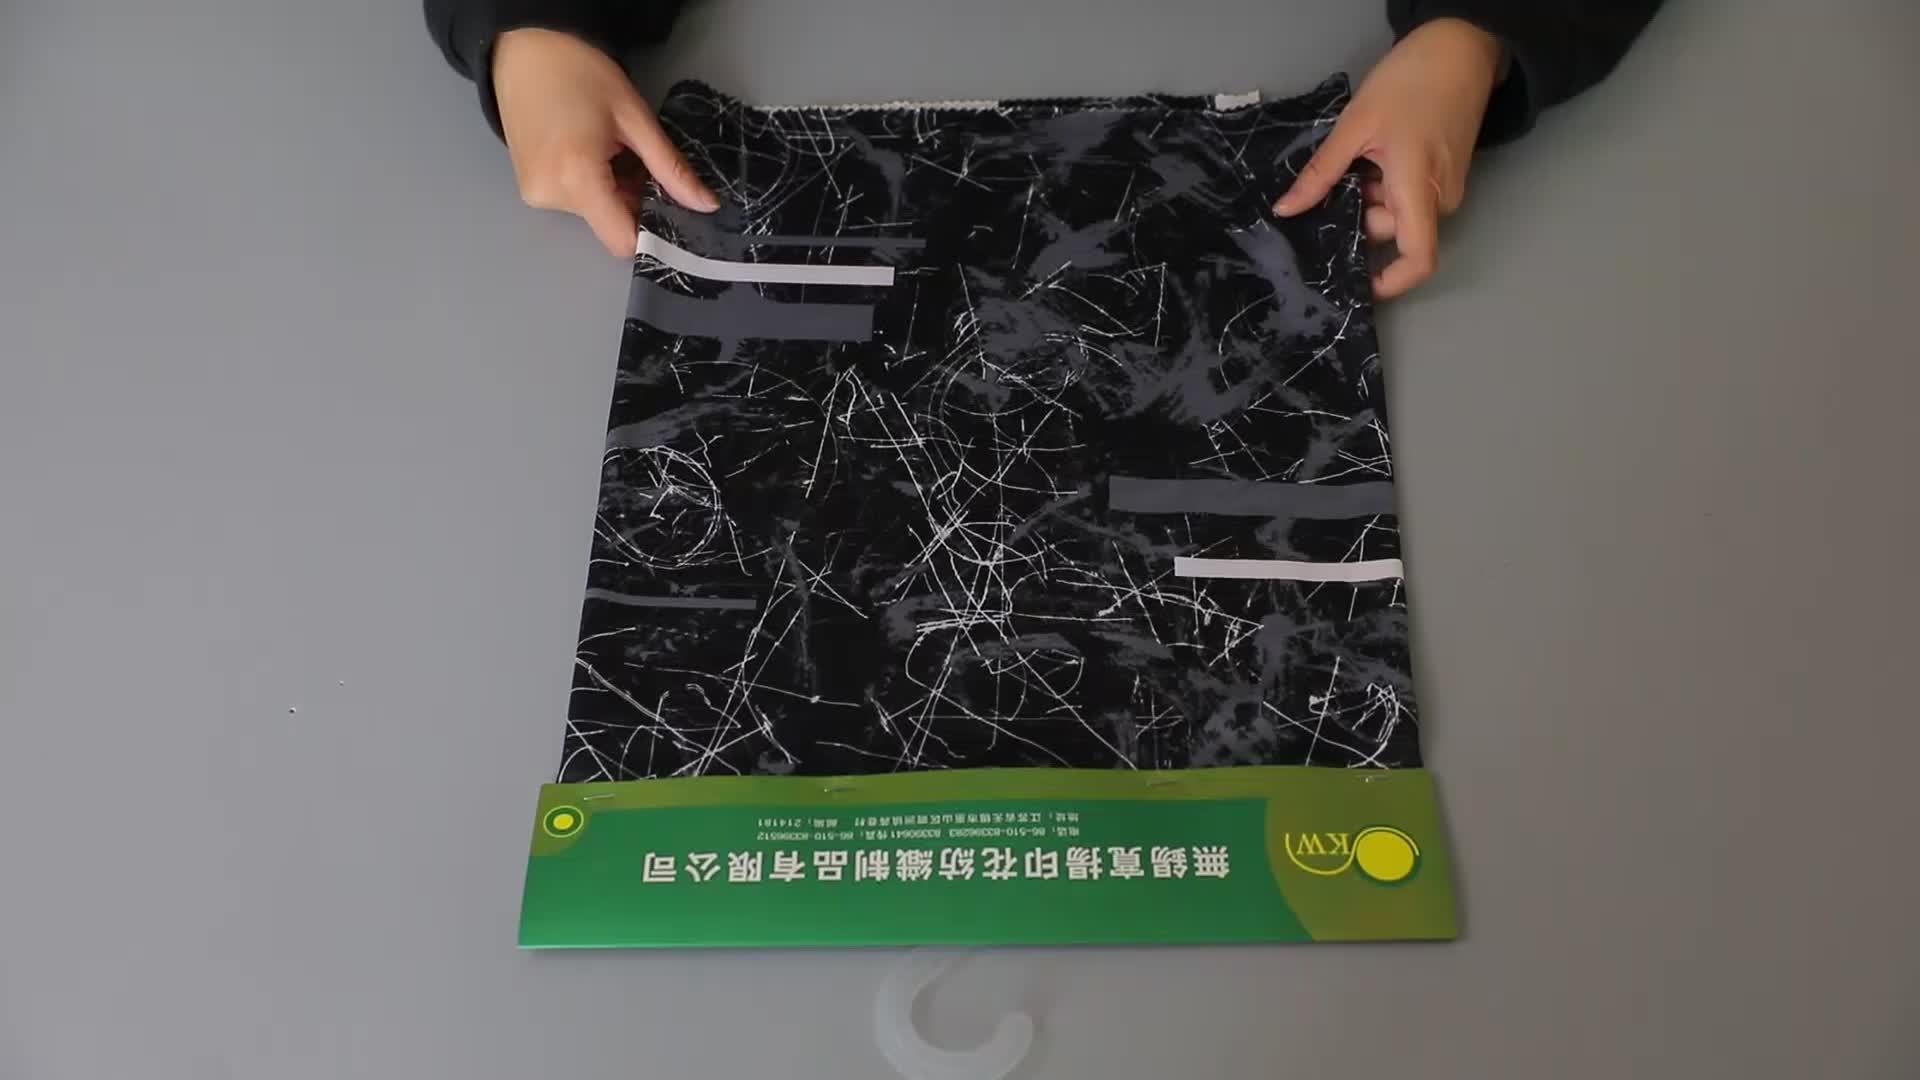 GRS oekotex стандарт ткань отводящая влагу 100 переработанный полиэстер микрофибра Пич-Скин камуфляж ткань для будущих мам